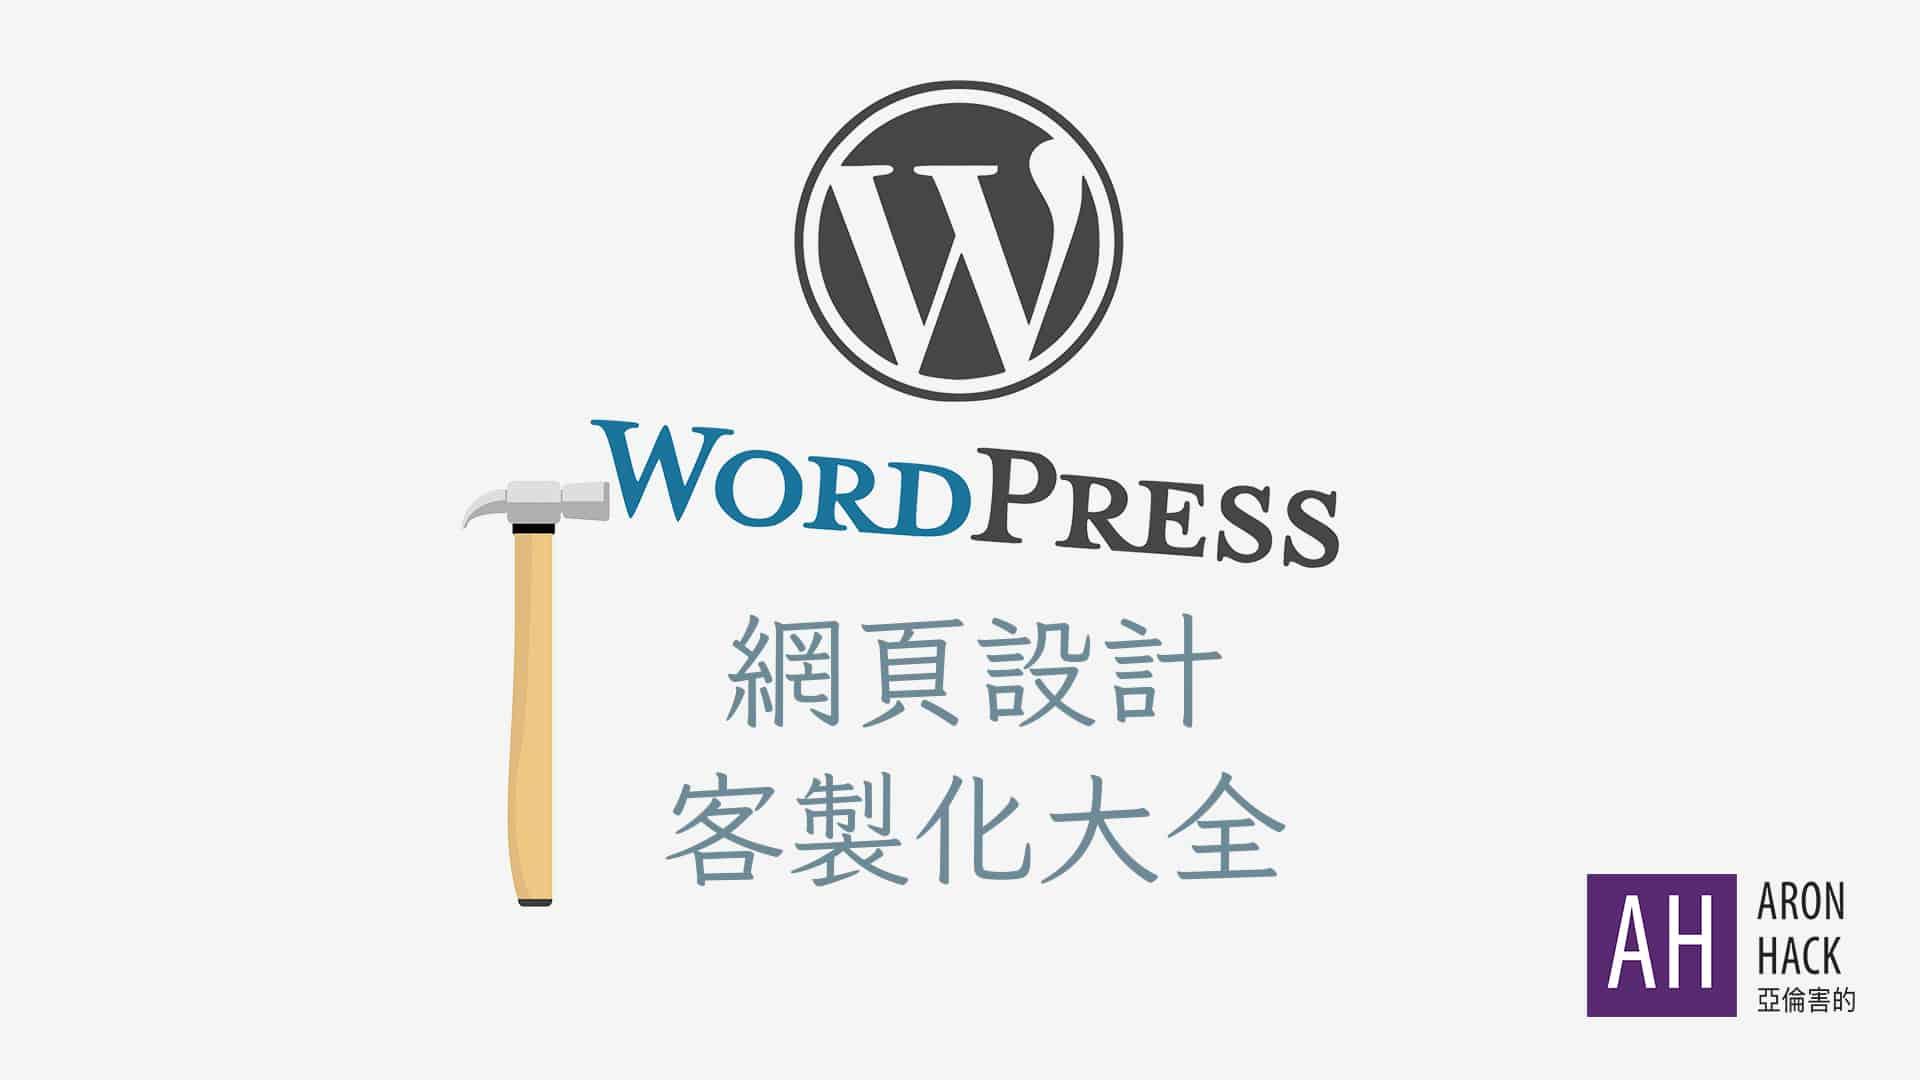 WordPress客製化網頁設計,複製貼上就搞定的程式碼大全